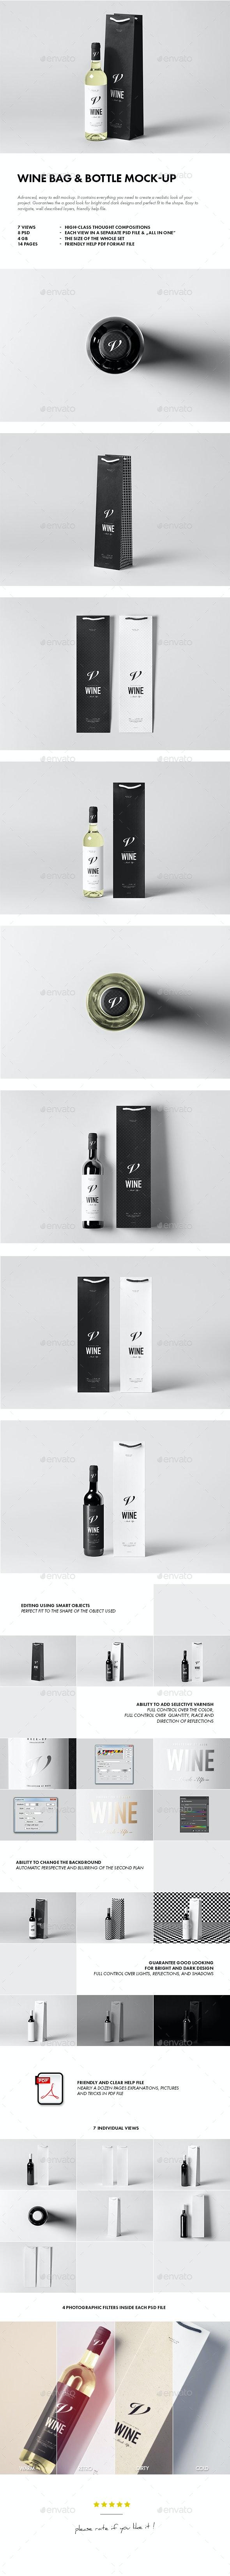 Wine Bag & Bottle Mock-up - Food and Drink Packaging